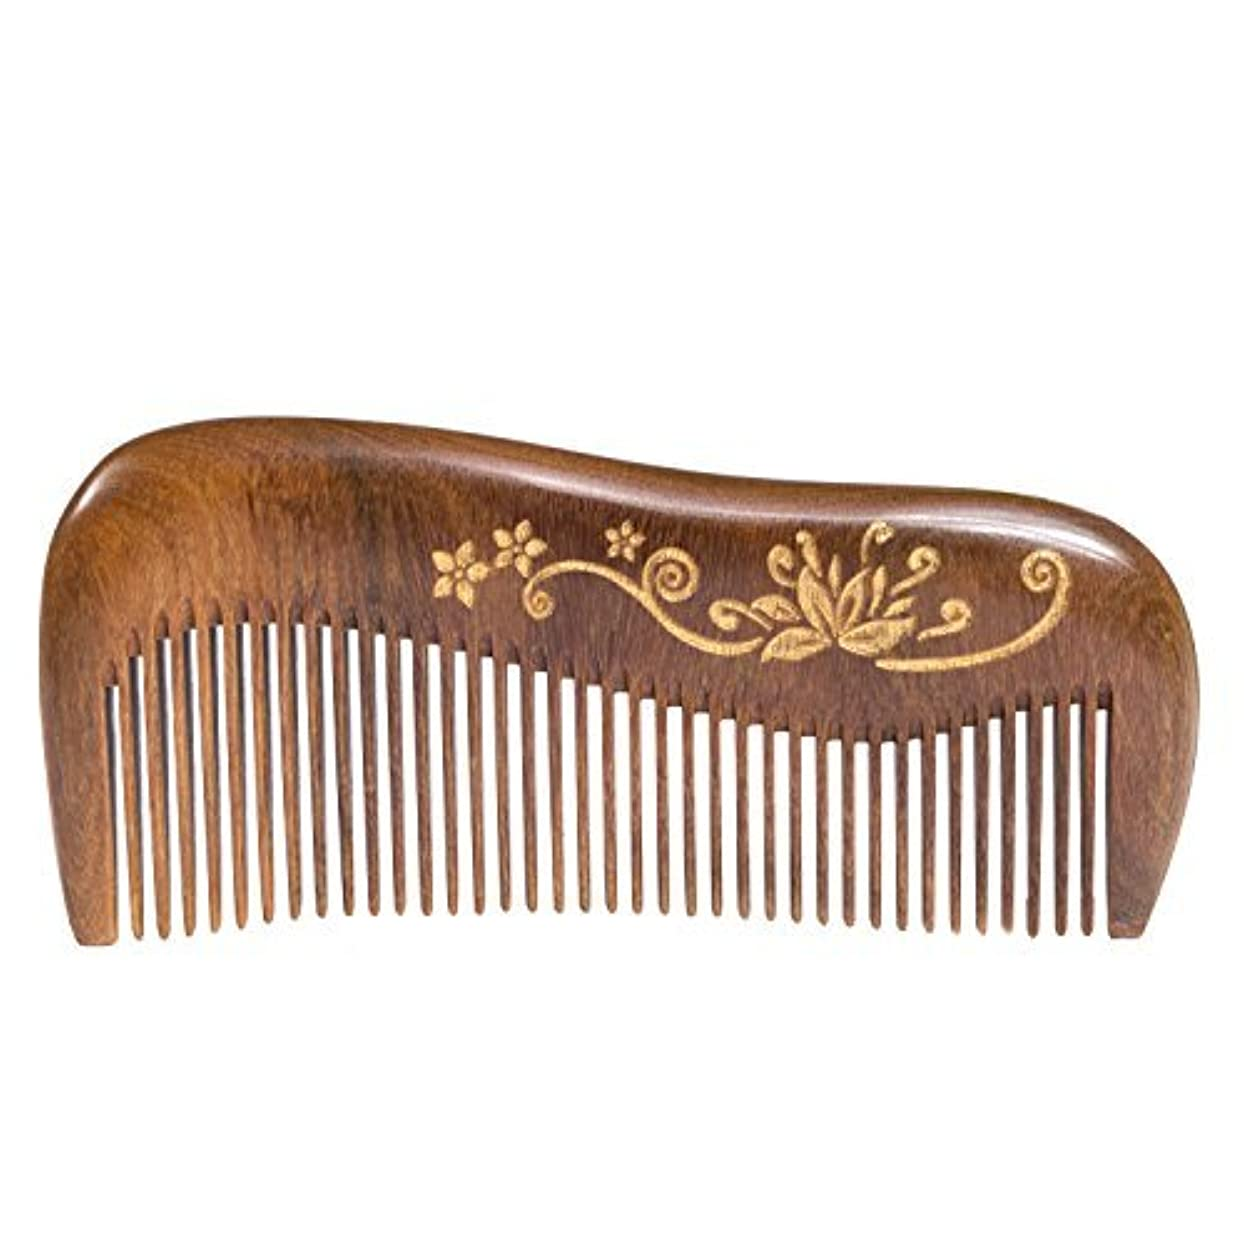 十遮る愛情深いBreezelike Wooden Hair Comb - Fine Tooth Wood Comb for Women - No Static Natural Detangling Sandalwood Comb [並行輸入品]